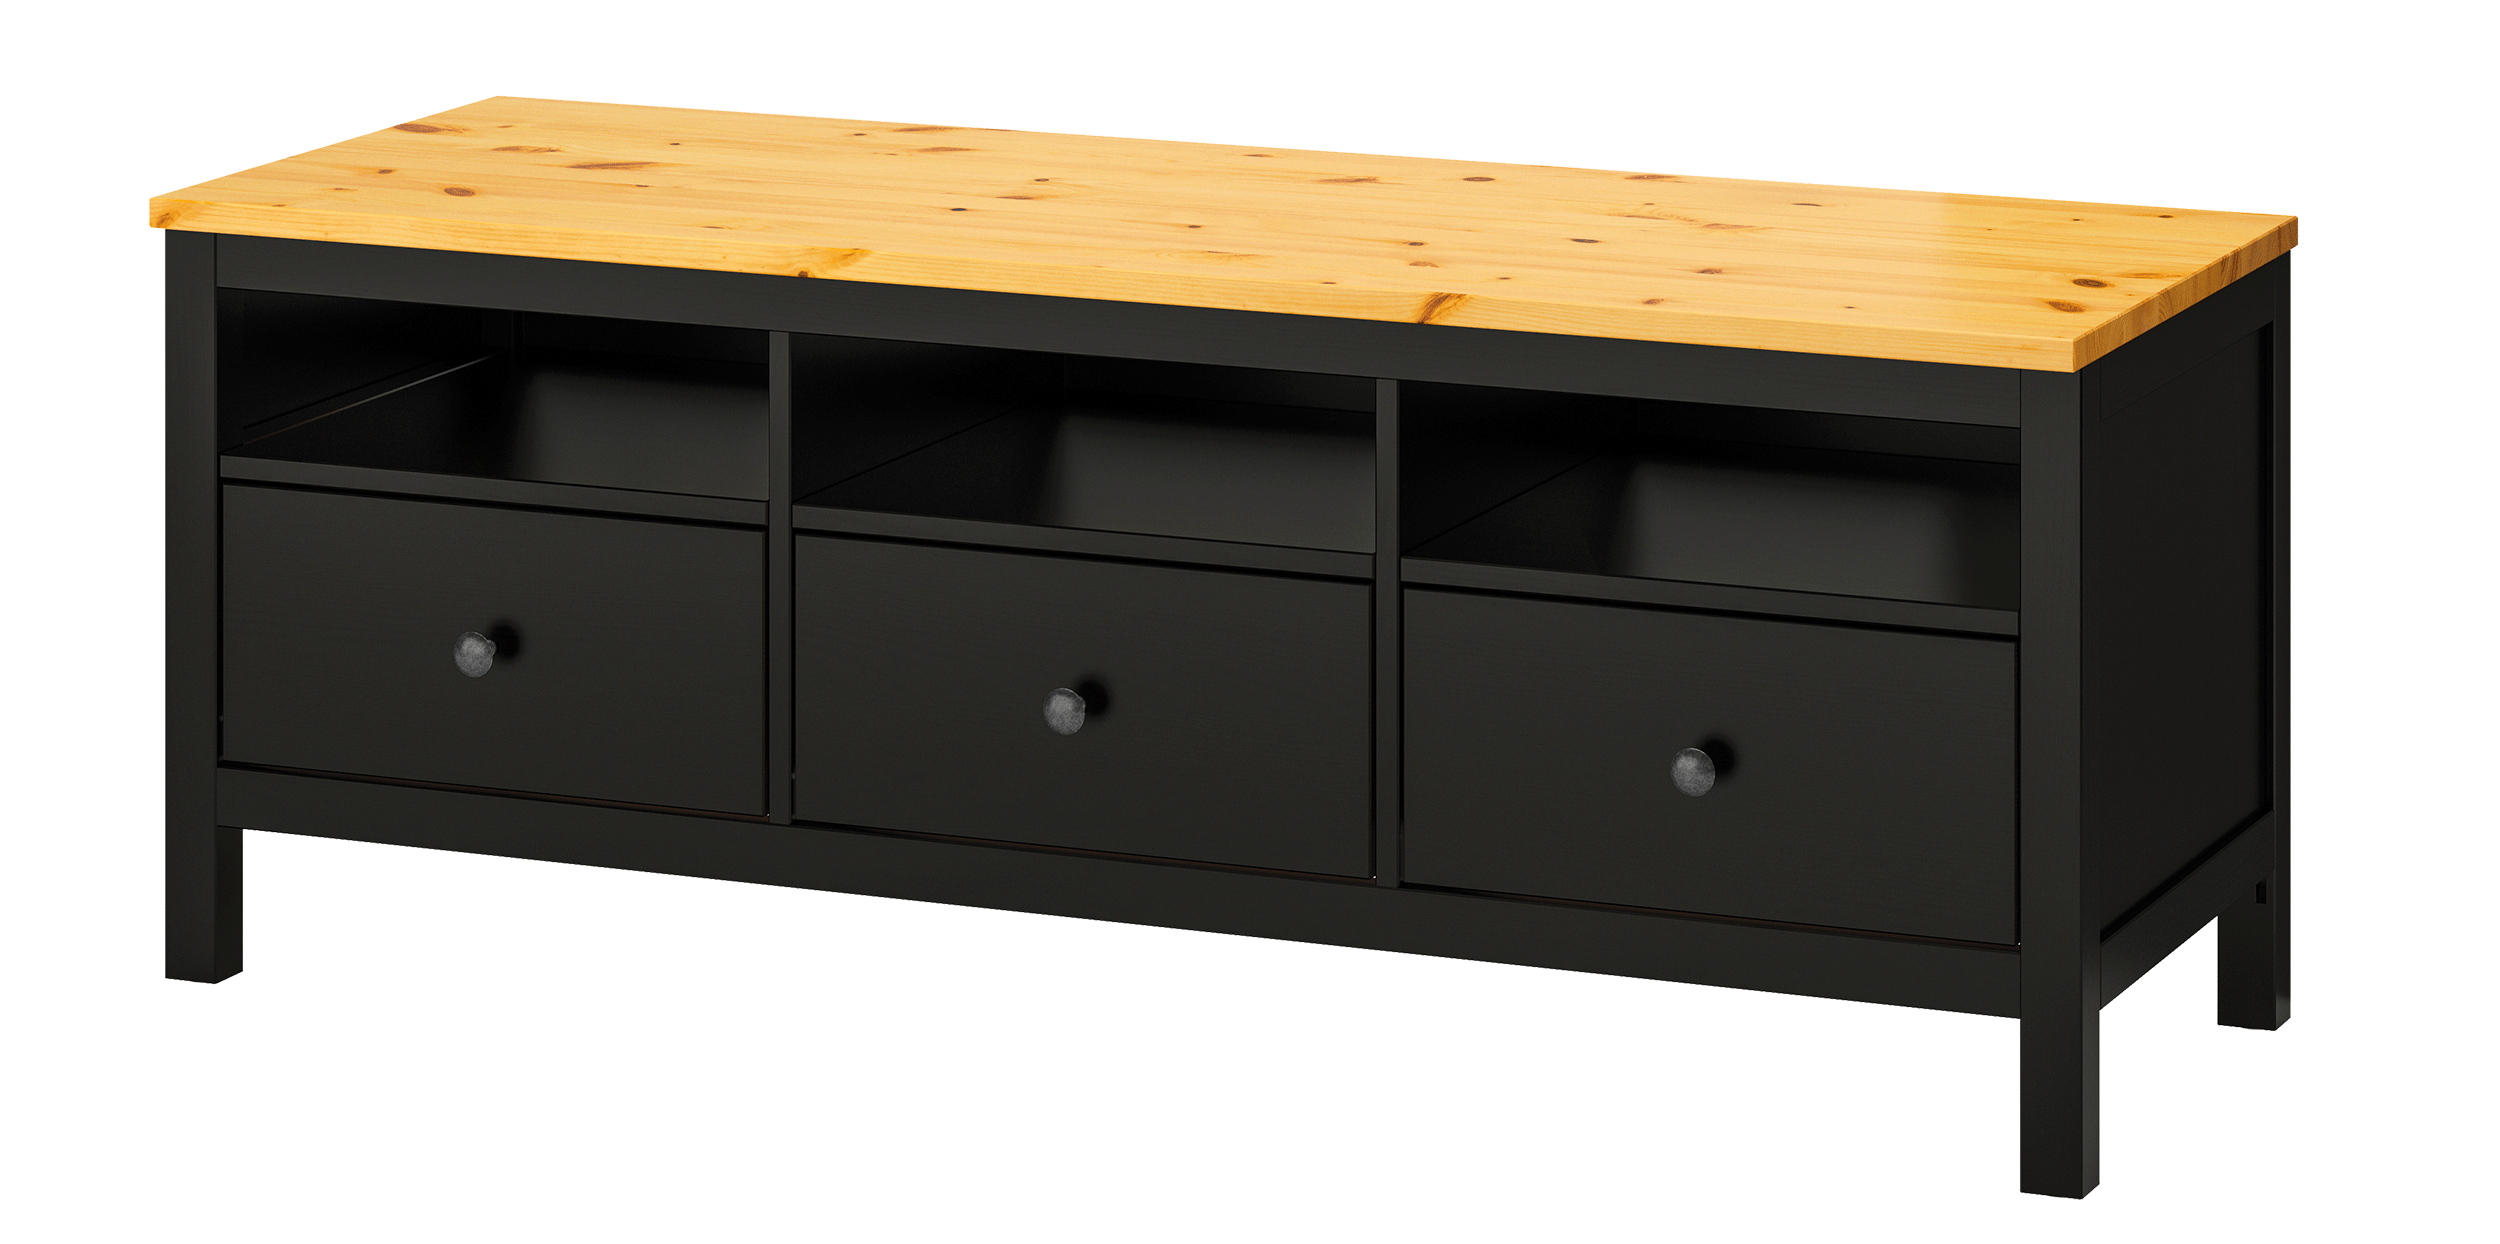 IKEA HEMNES TV bench in black-brown